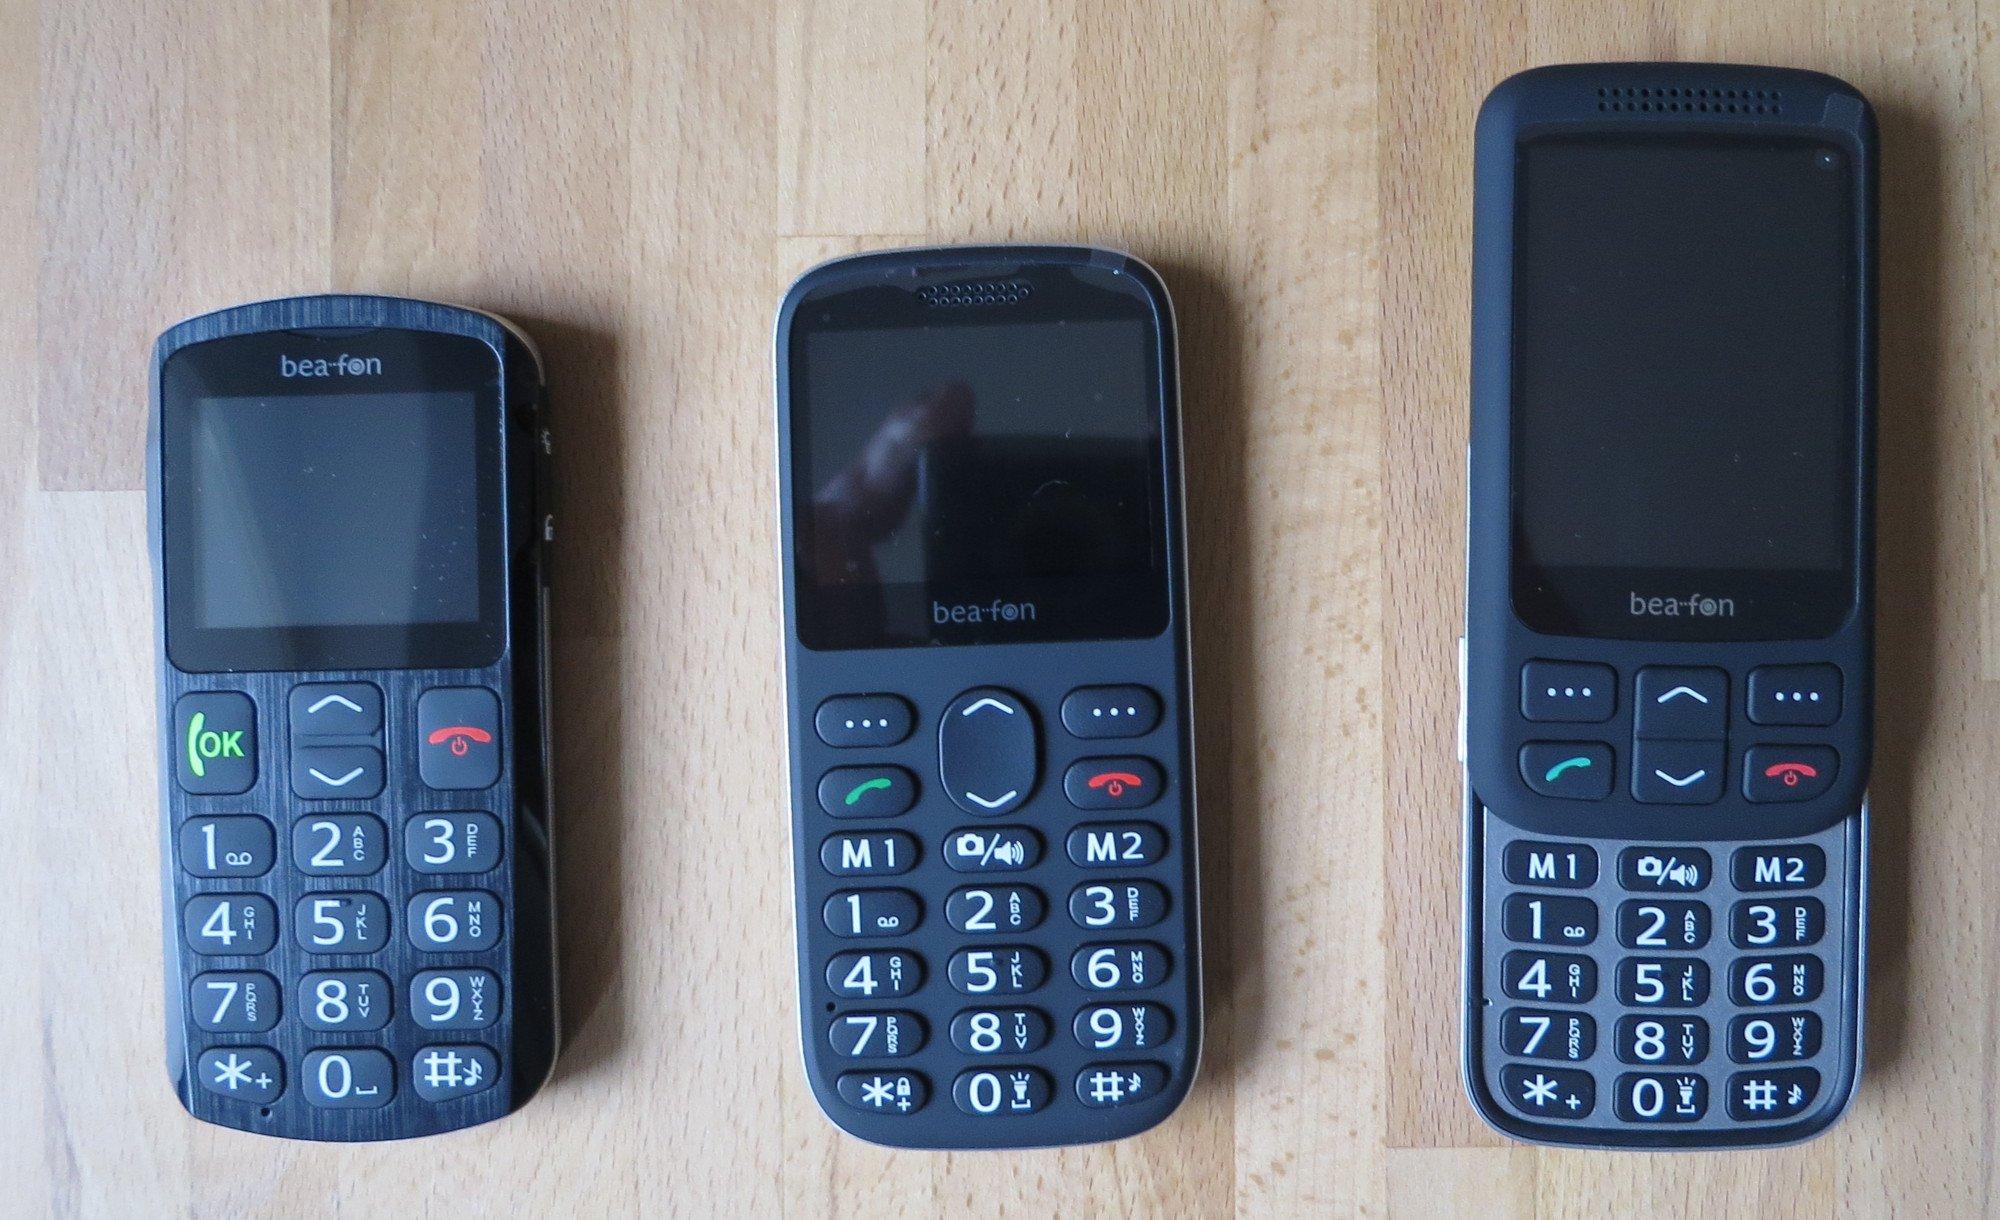 Die Seniorenhandys Bea-fon SL250, SL350 und SL750 von oben nochmal im Vergleich, wenn der Slider ausgefahren ist (Bild: Peter Giesecke)